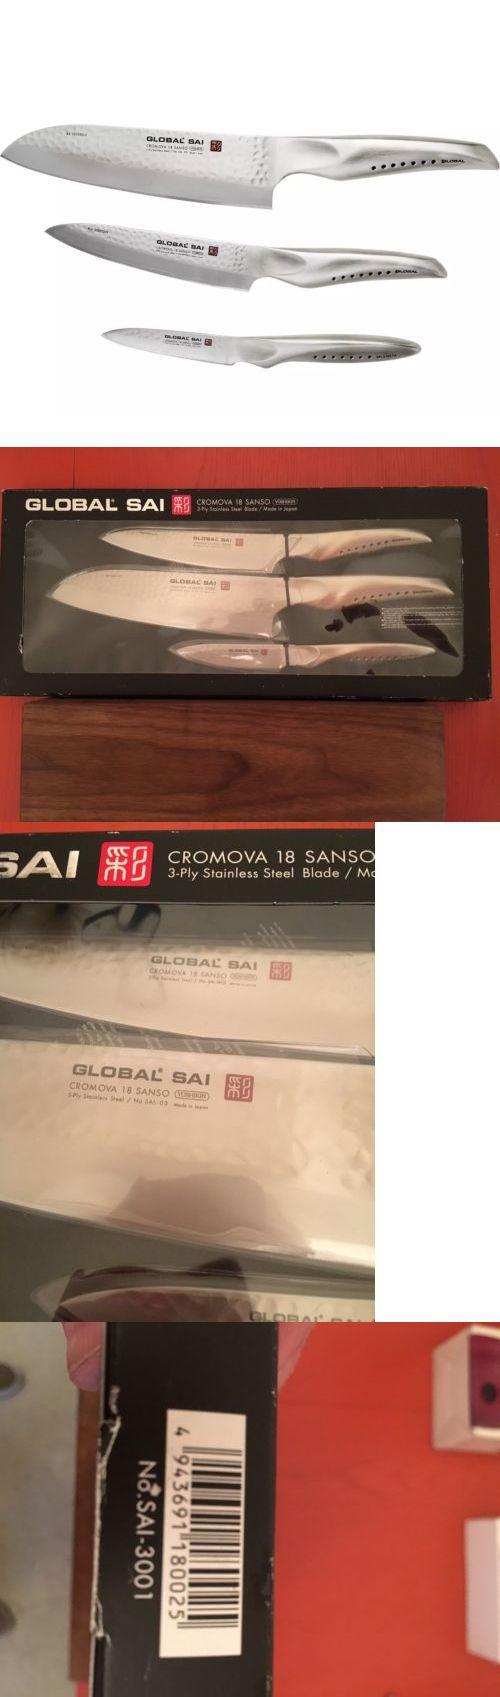 Knife Sets 42578: Global Sai-3001 3 Piece Knife Set, Silver -> BUY IT NOW ONLY: $199 on eBay!